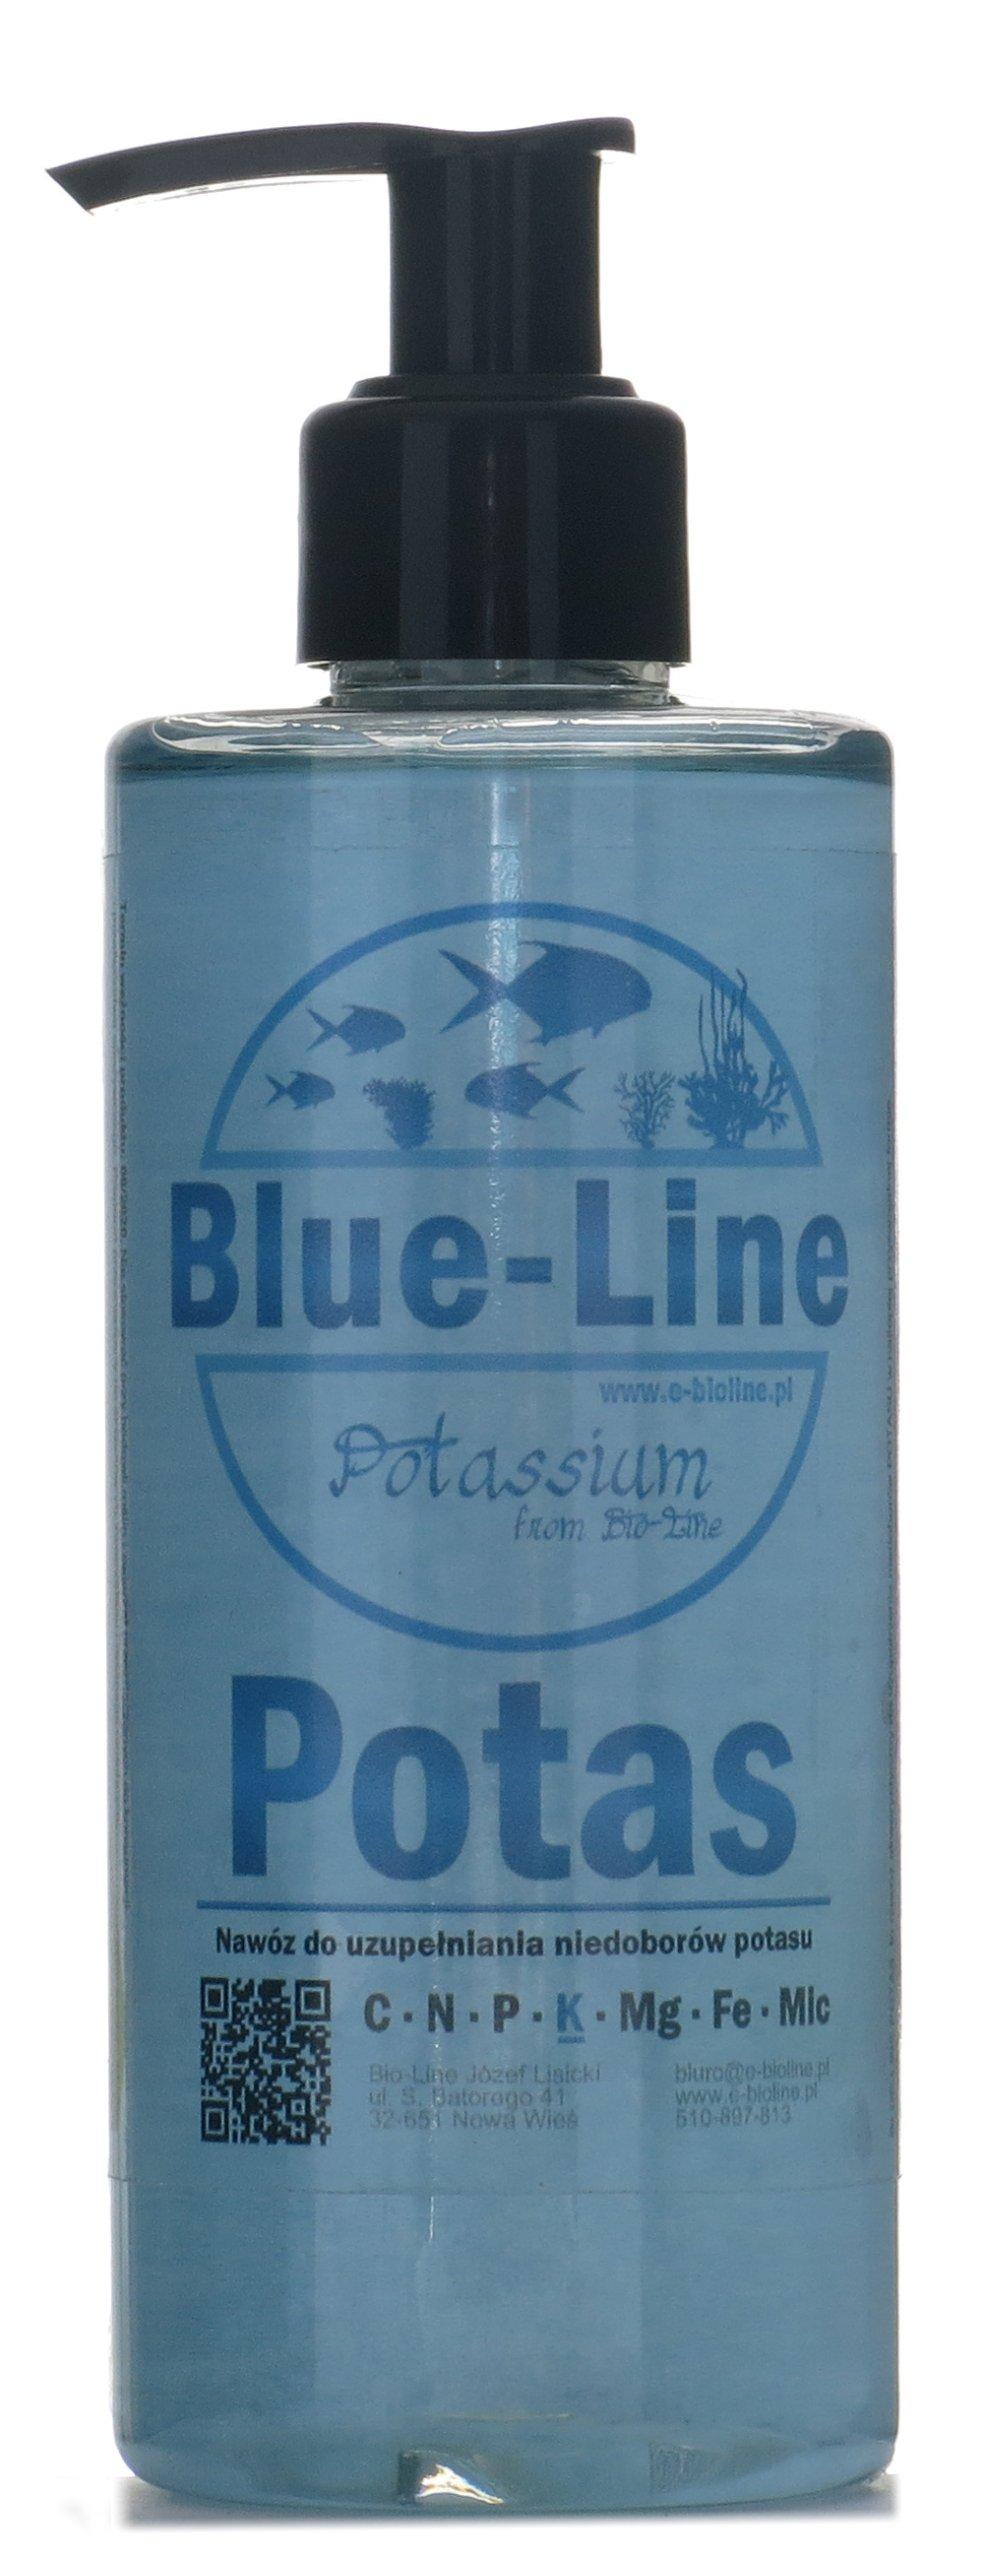 удобрение едкого калия от Blue-Line- Чистый КАЛИЙ 500 мл